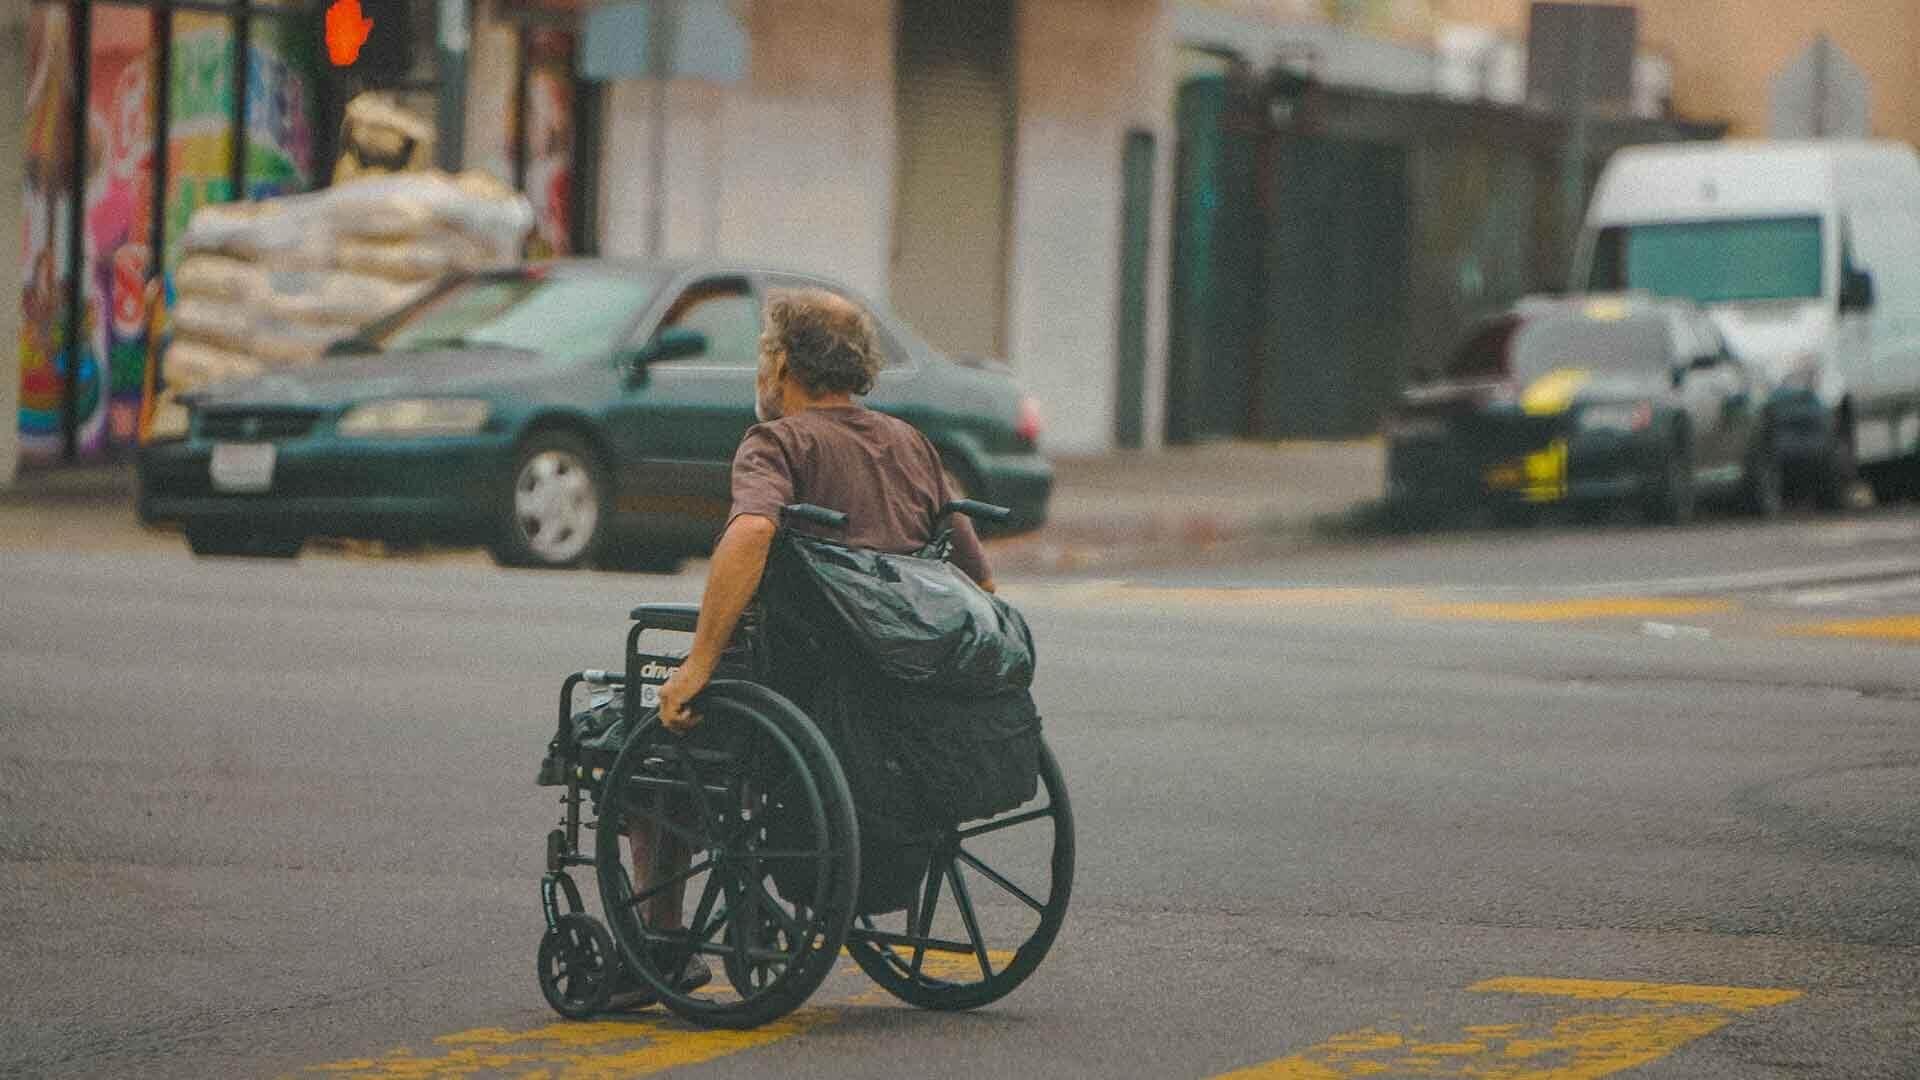 La cura degli altri è la rivoluzione radicale di cui abbiamo bisogno